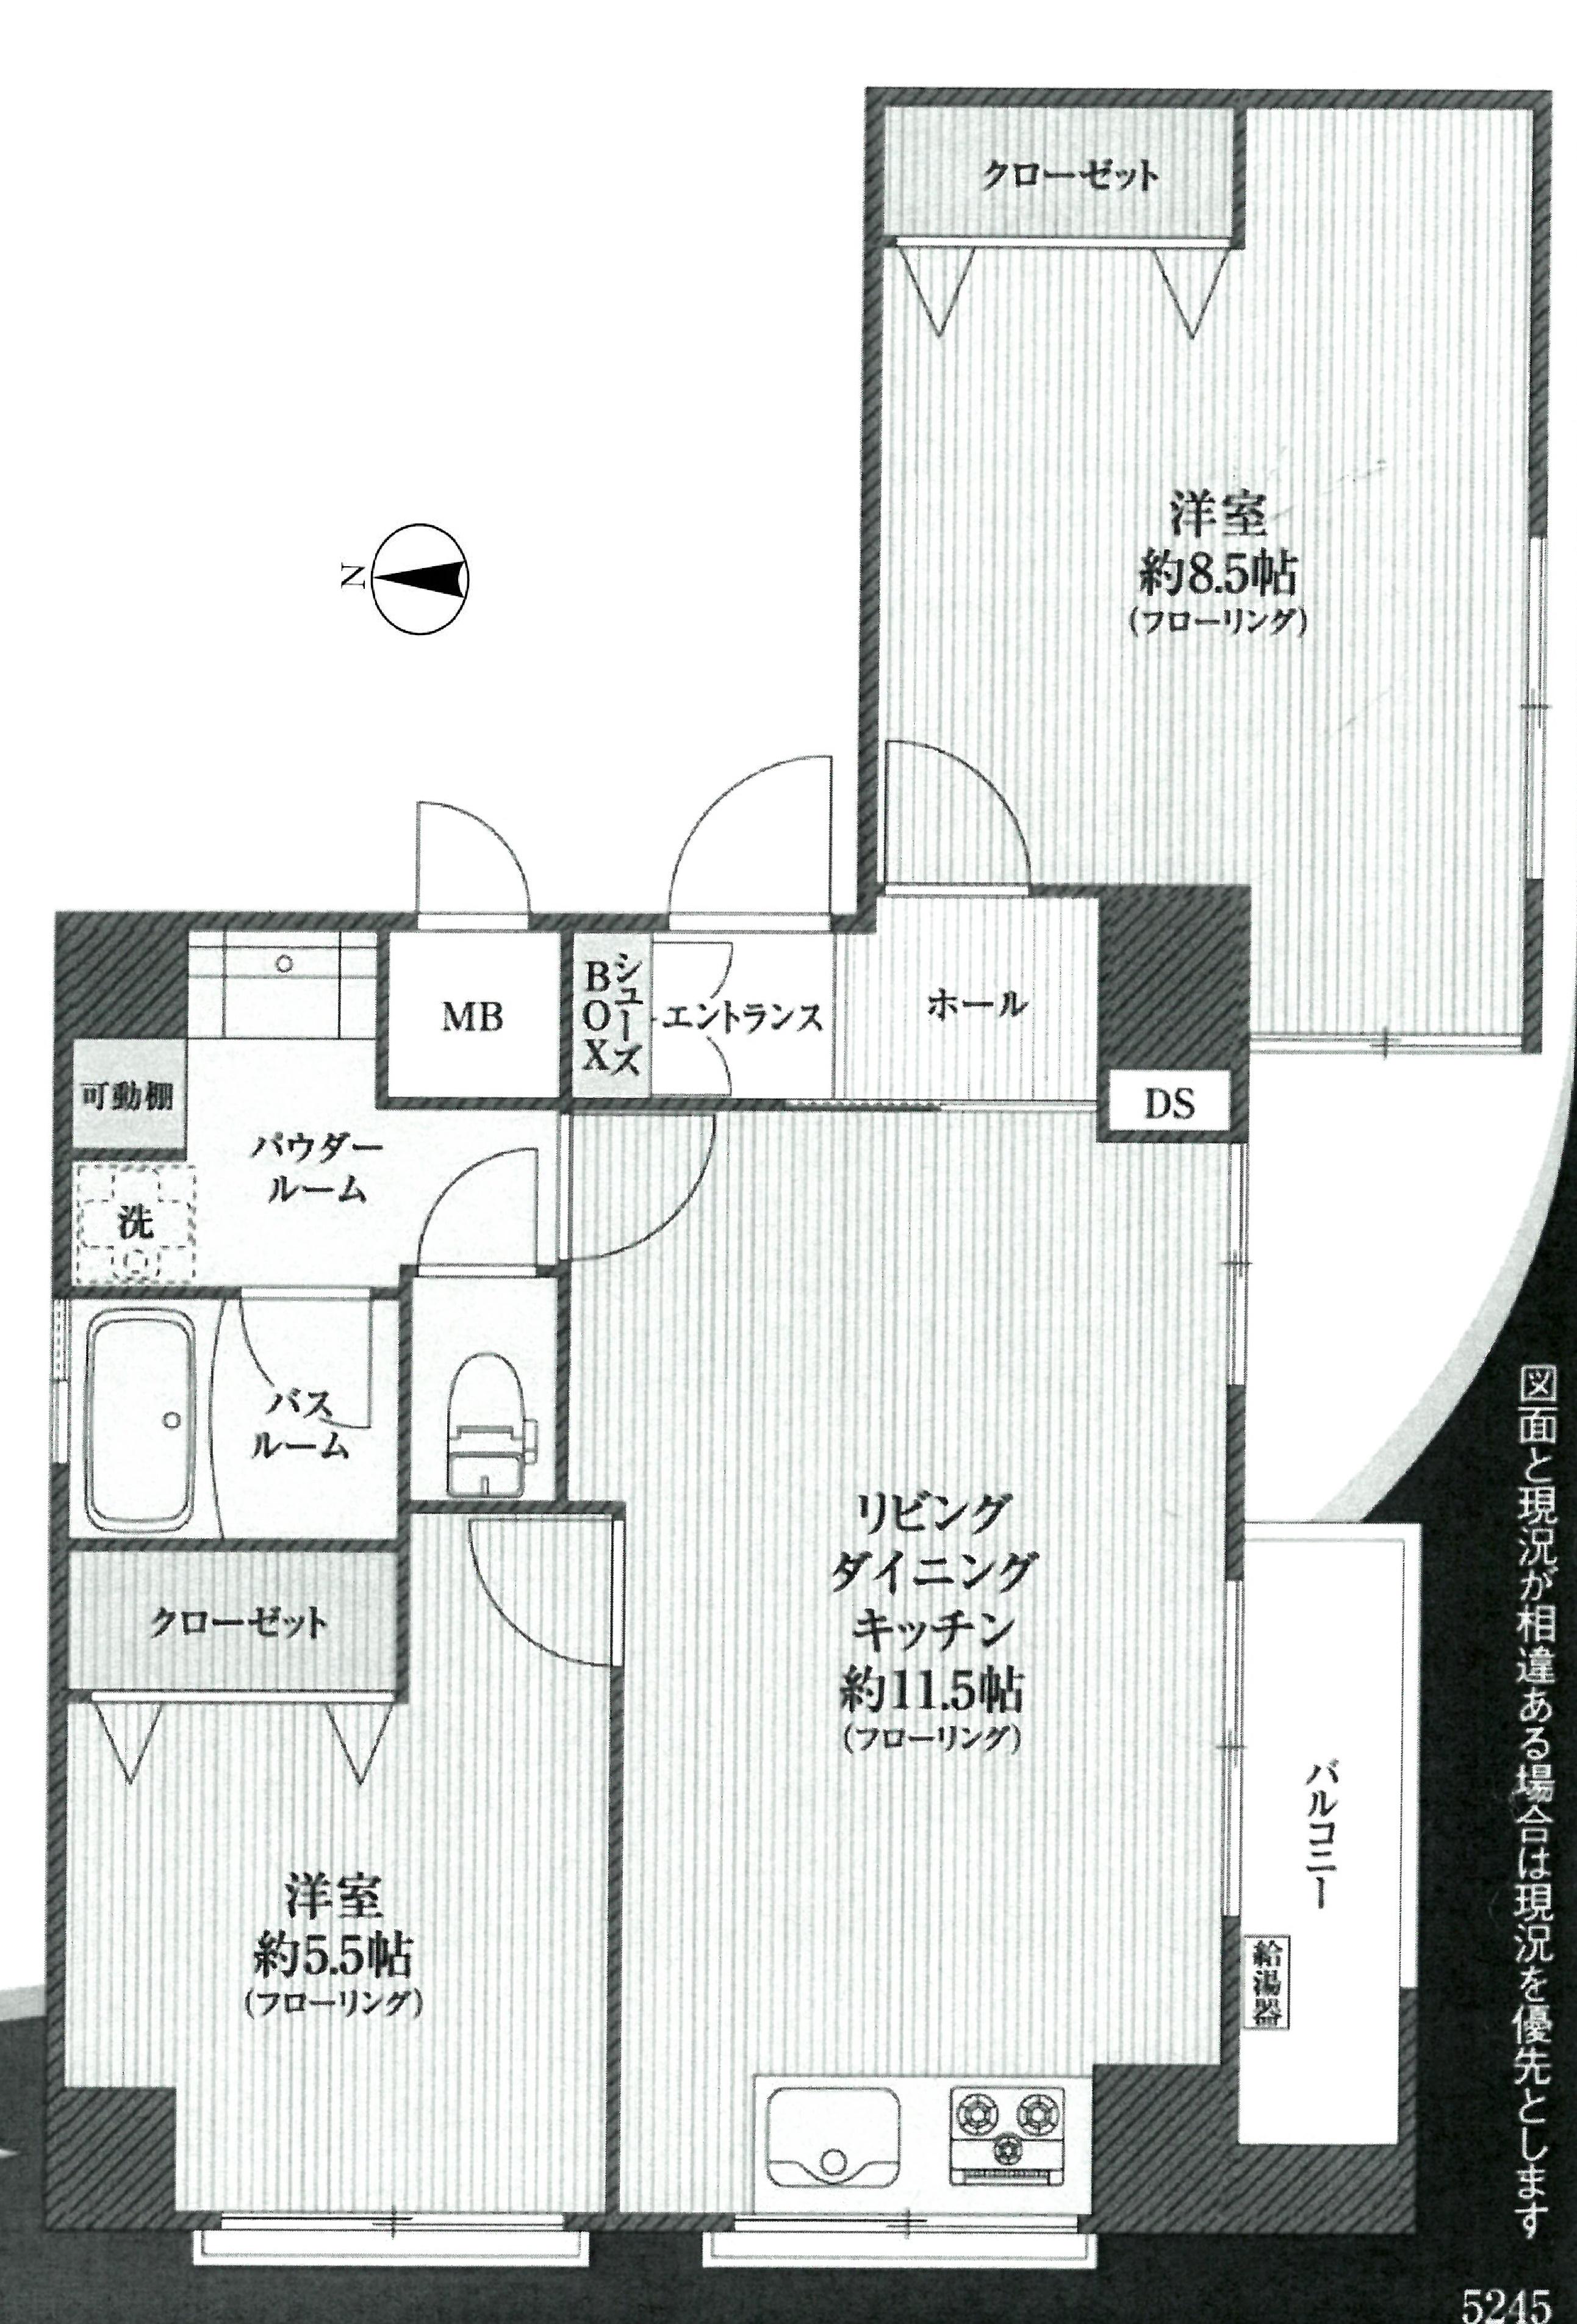 マンションローゼ丸山☆R2年8月新規内装リフォーム実施済み☆ペット飼育可☆